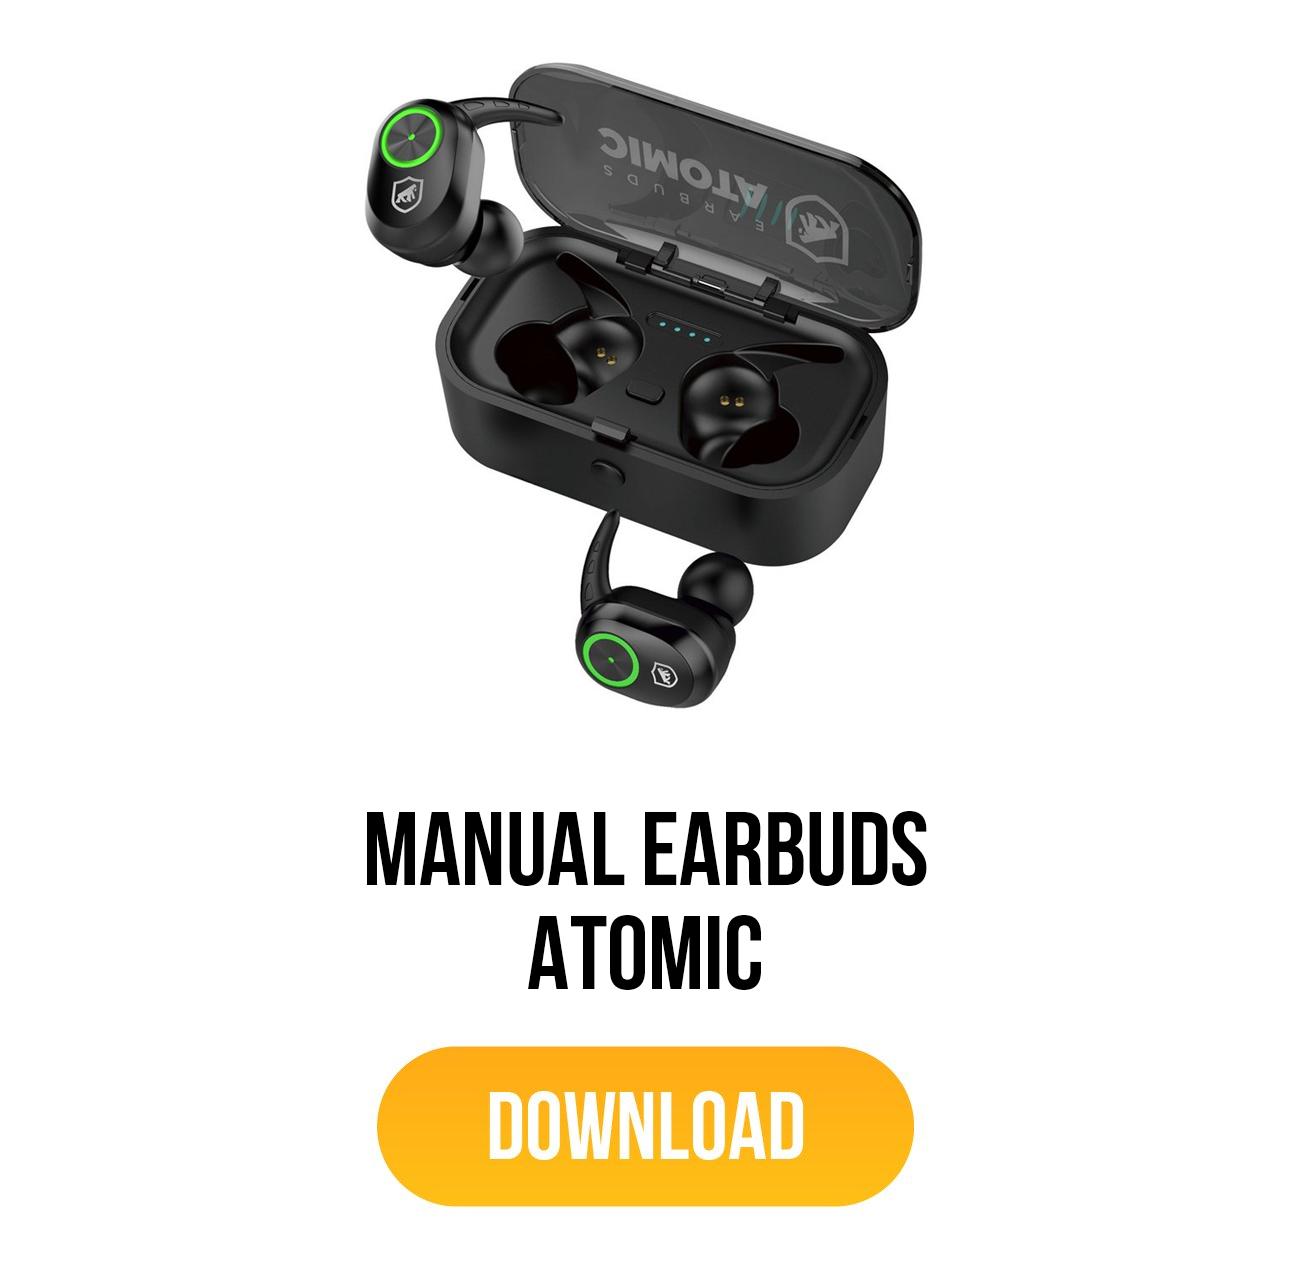 manual para earbuds atomic